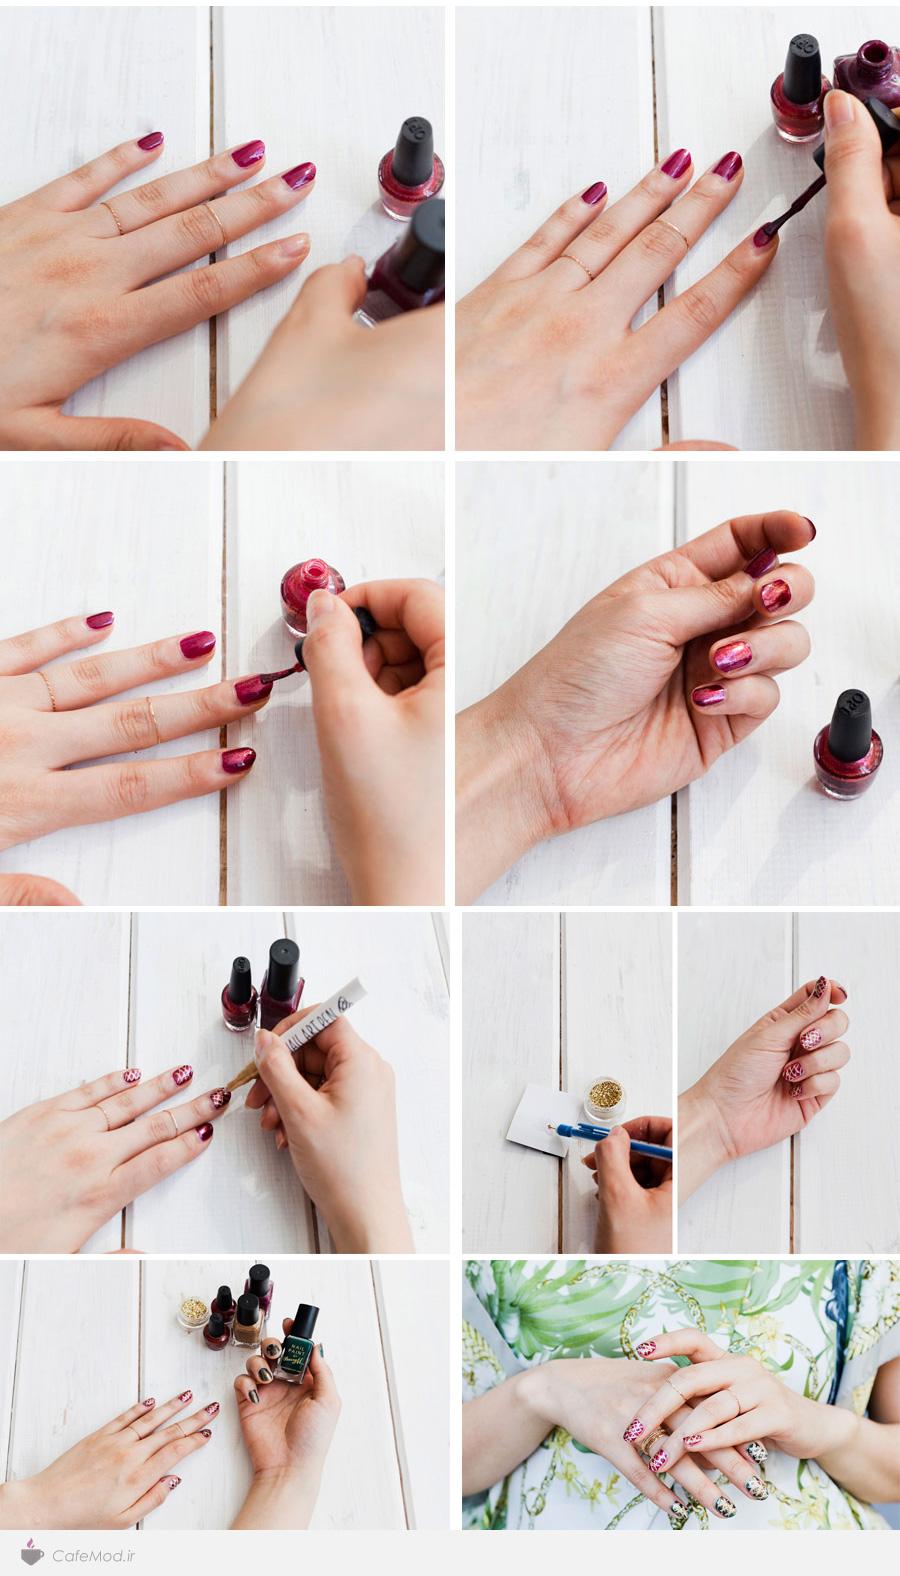 آموزش آرایش ناخن ضربدری